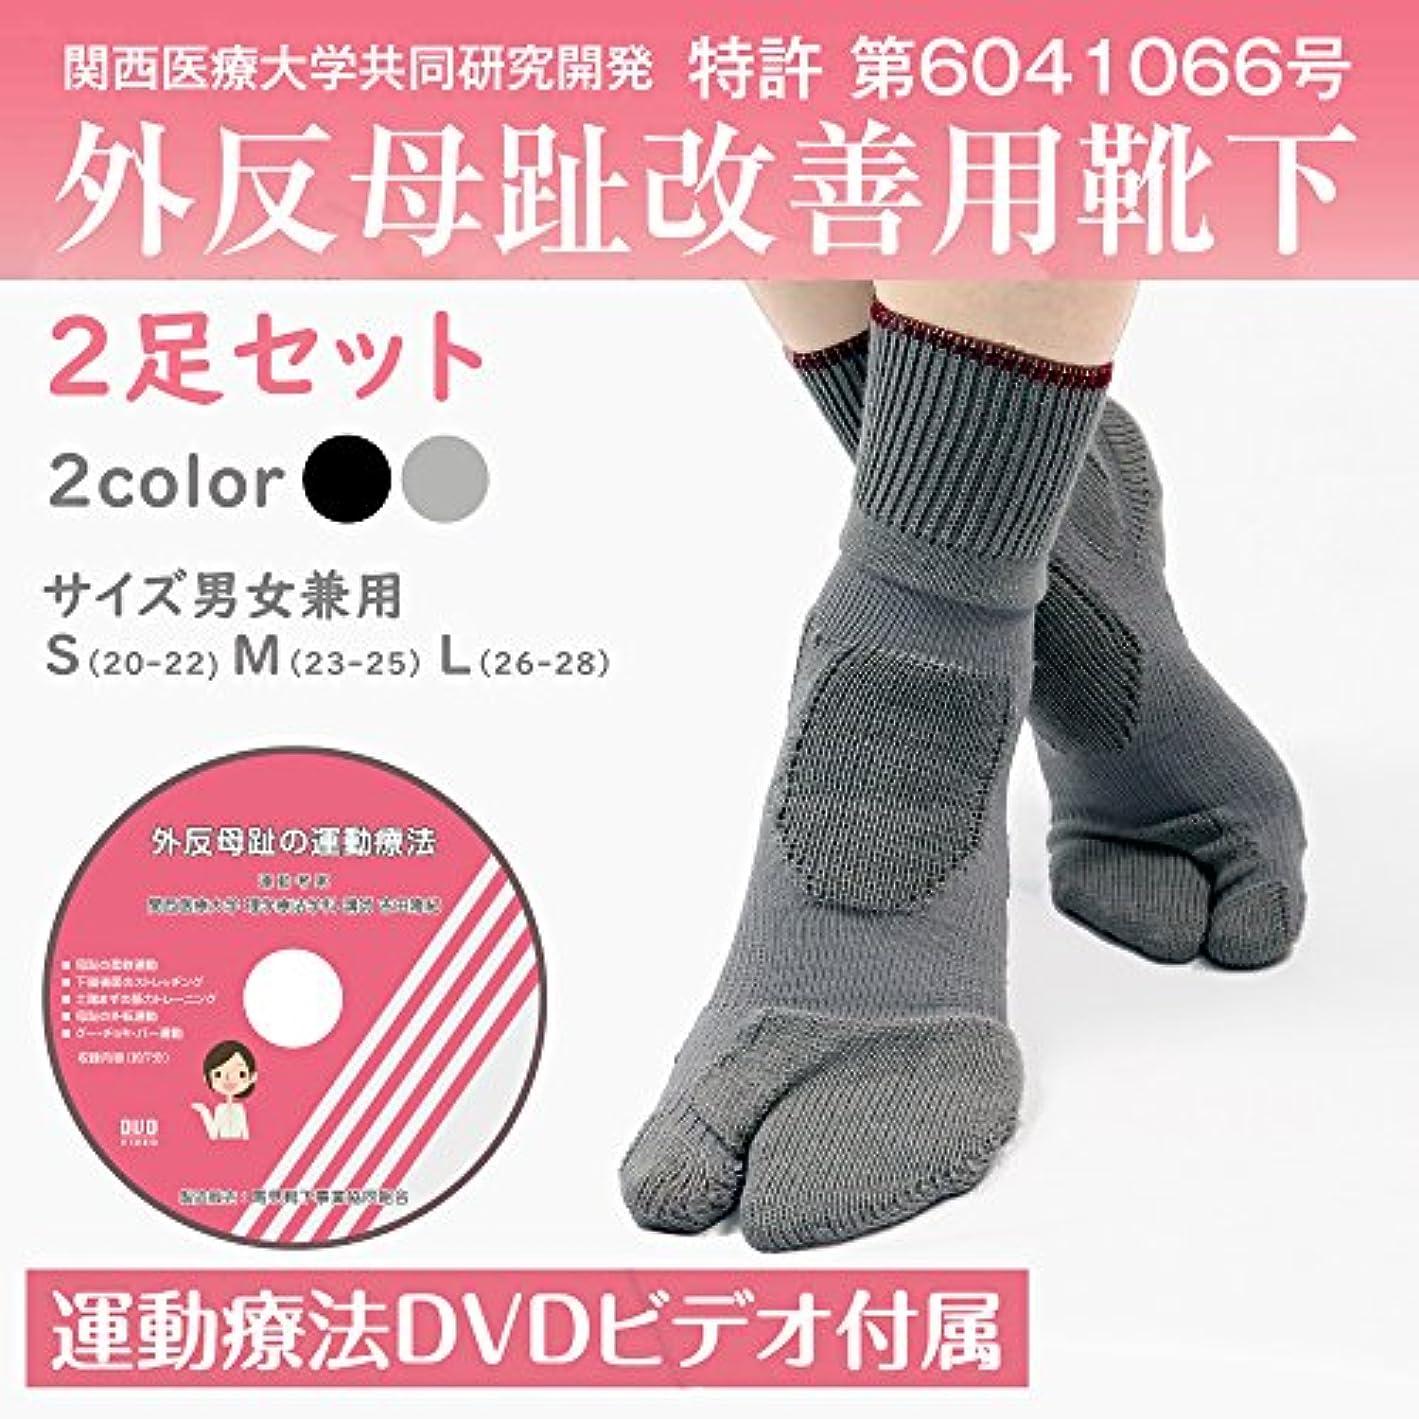 知覚影響力のあるパキスタン外反母趾改善用靴下2足セット、運動療法DVDビデオ付(カサネラボ)kasane lab. (グレー, M:23-25cm)